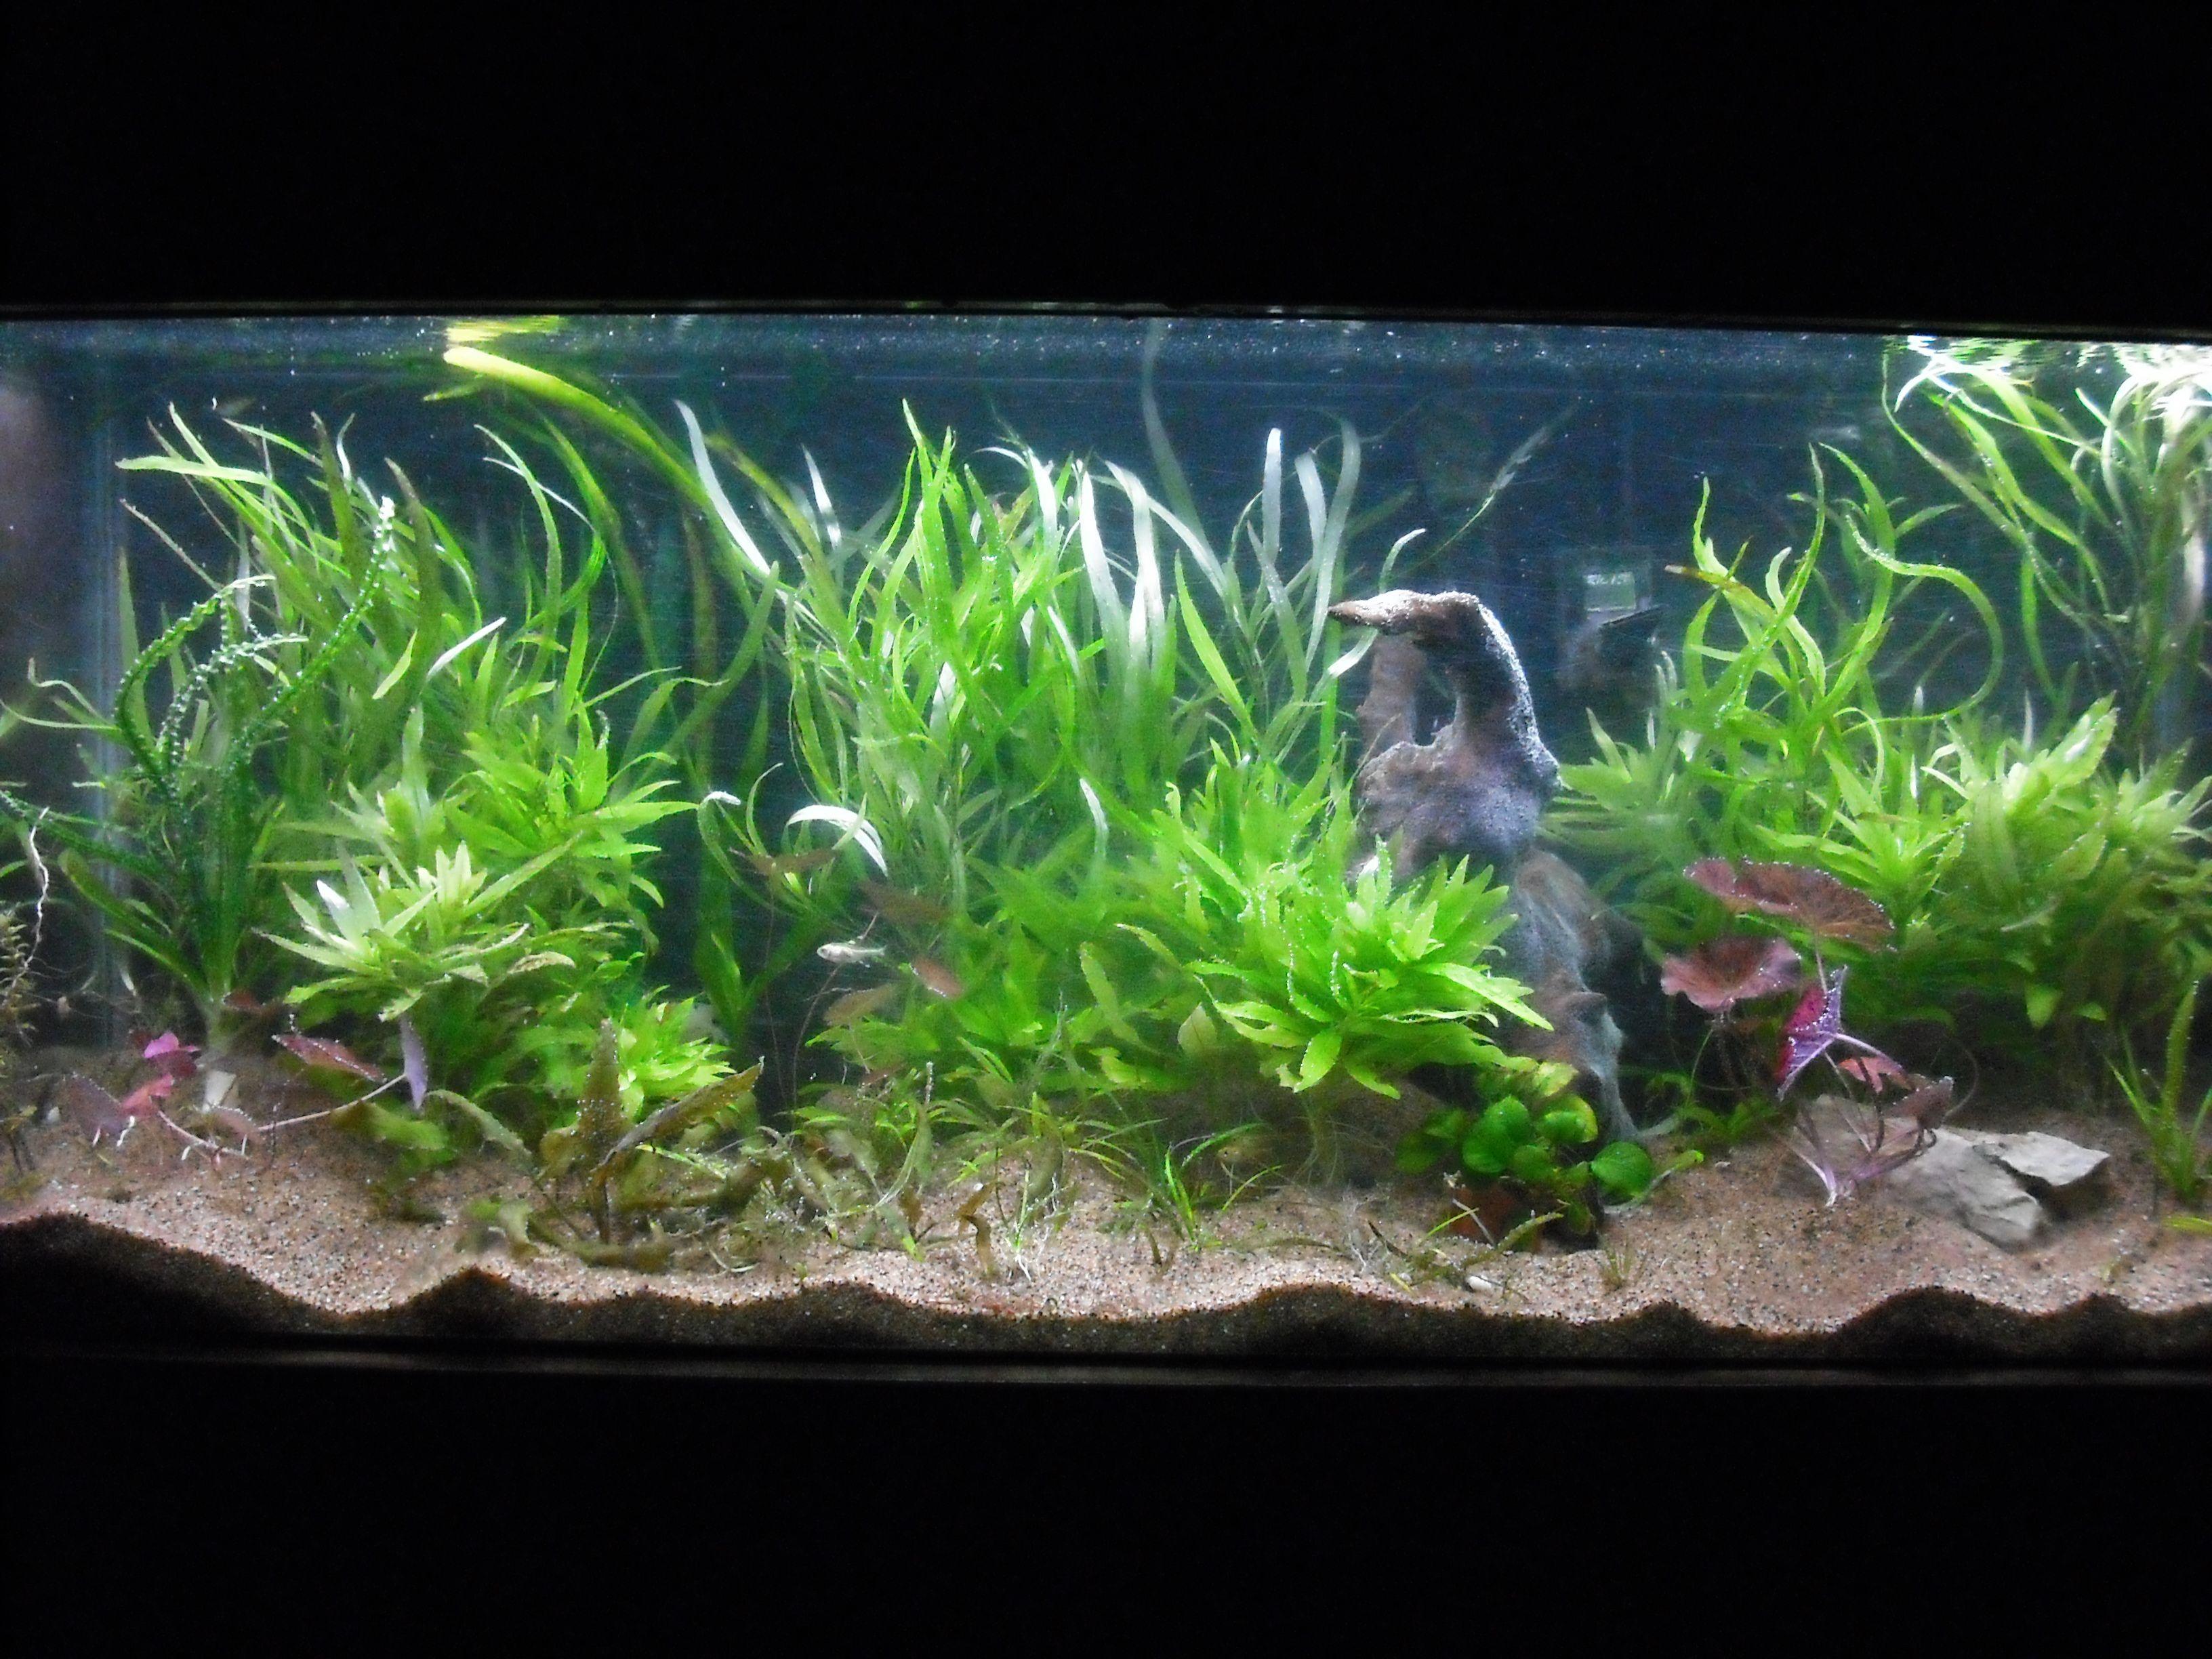 883b76e2750c63337a3ee93cf6ff5690 Frais De Jbl Aquarium Conception